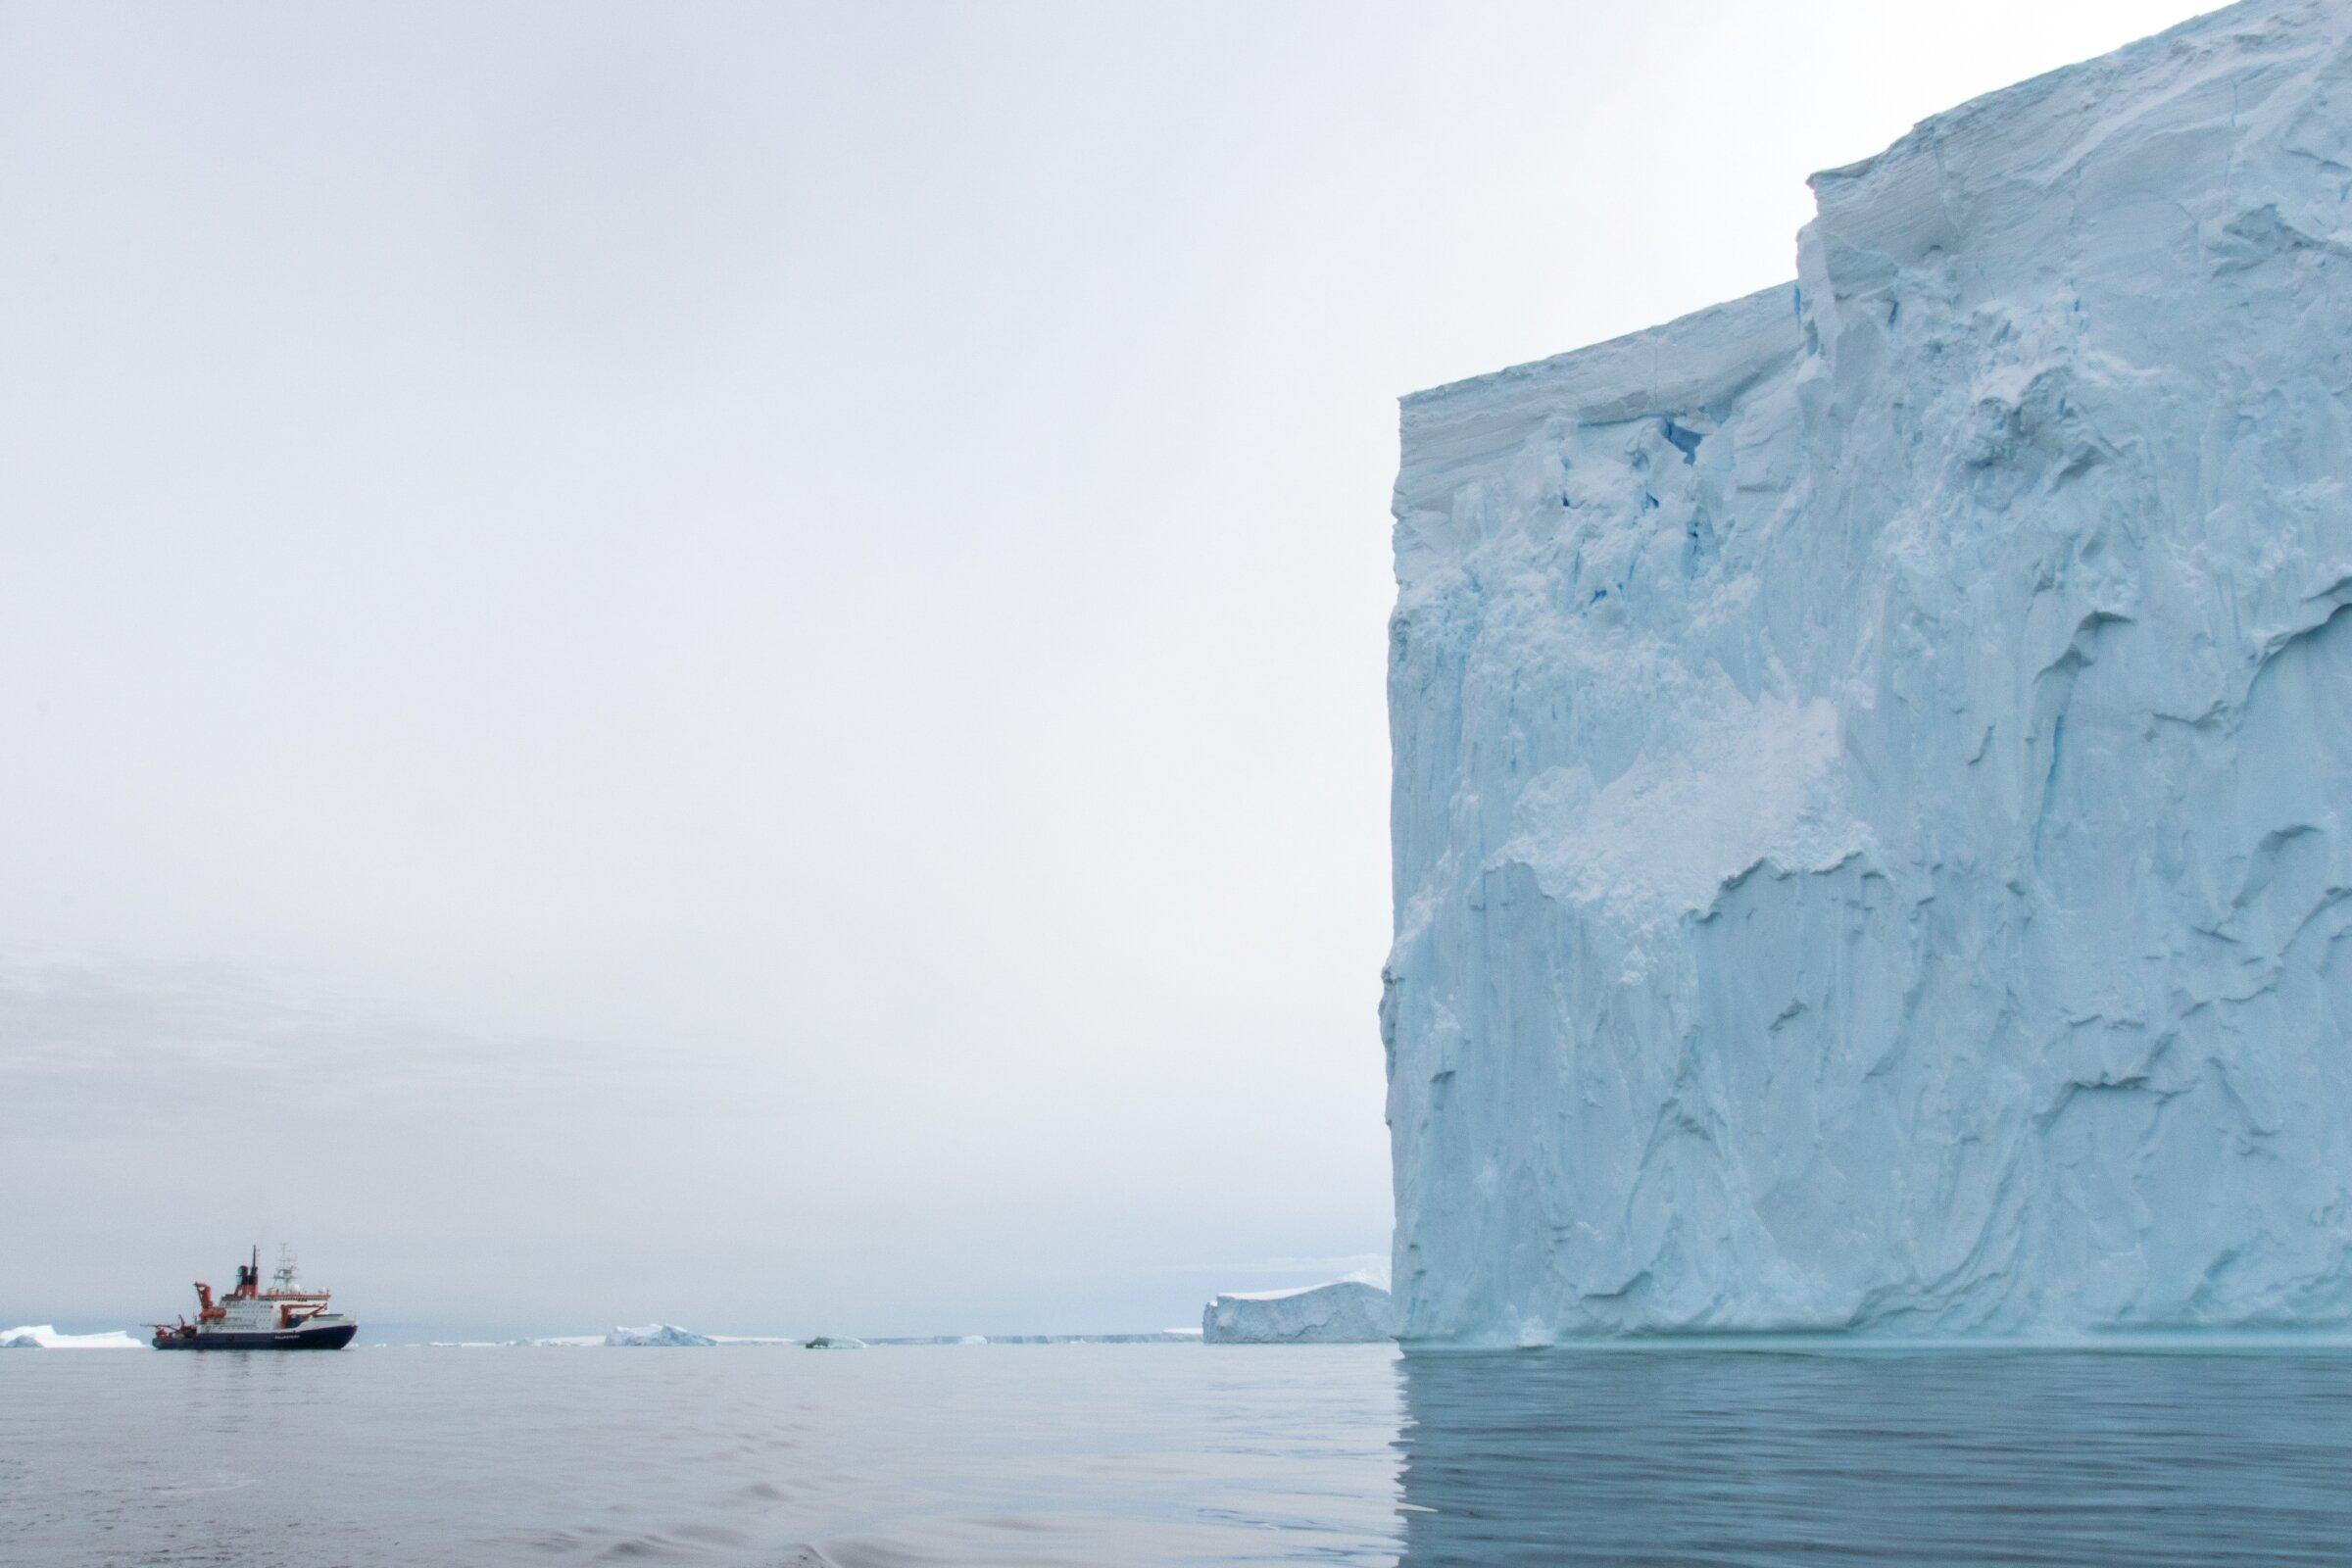 """RVPolarstern(""""Polárka"""") jeněmeckývýzkumnýledoborec, jehož vlastníkem je Institut Alfreda Wegenera pro polární a mořský výzkum(AWI). Z jeho paluby v Amundsenově moři vrtulník startoval.Kredit: Alfred-Wegener-Institut / Thomas Ronge."""